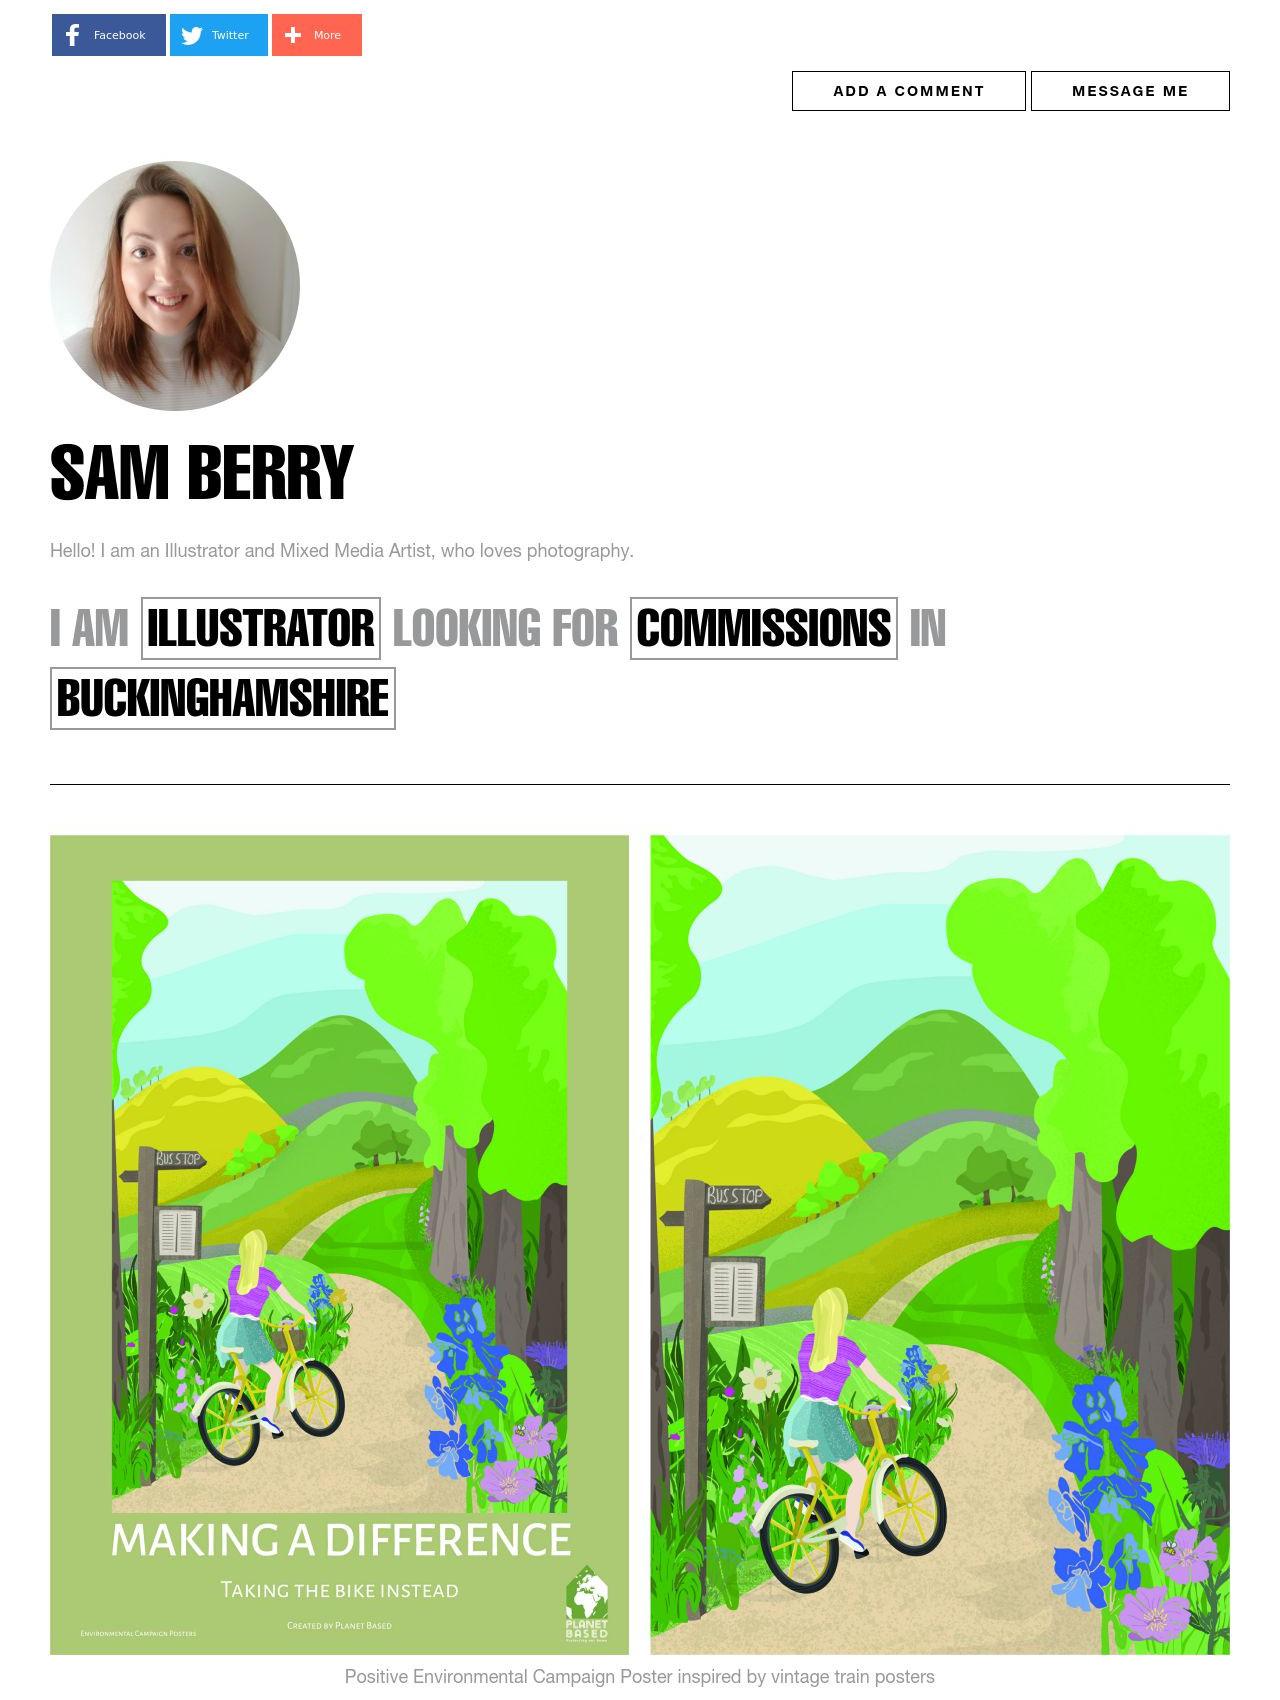 Sam Berry